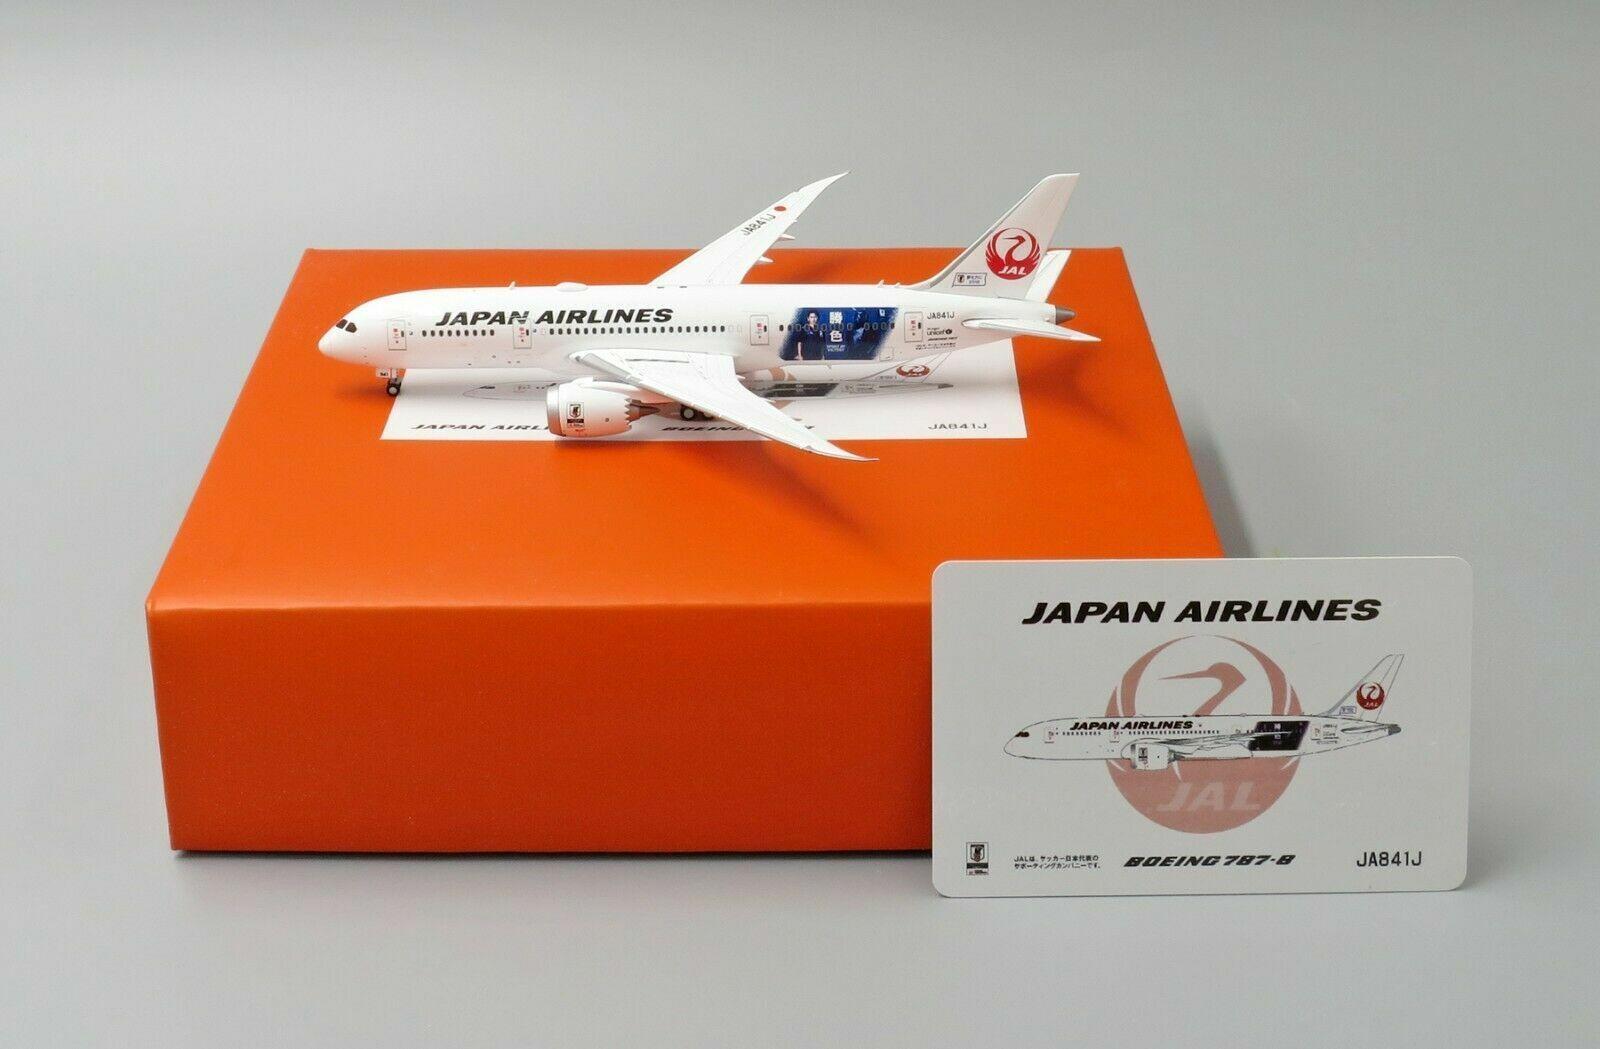 JC Wings 1 400 JAL Japan Airlines Boeing B787-8 'Spirit of Victory' JA841J